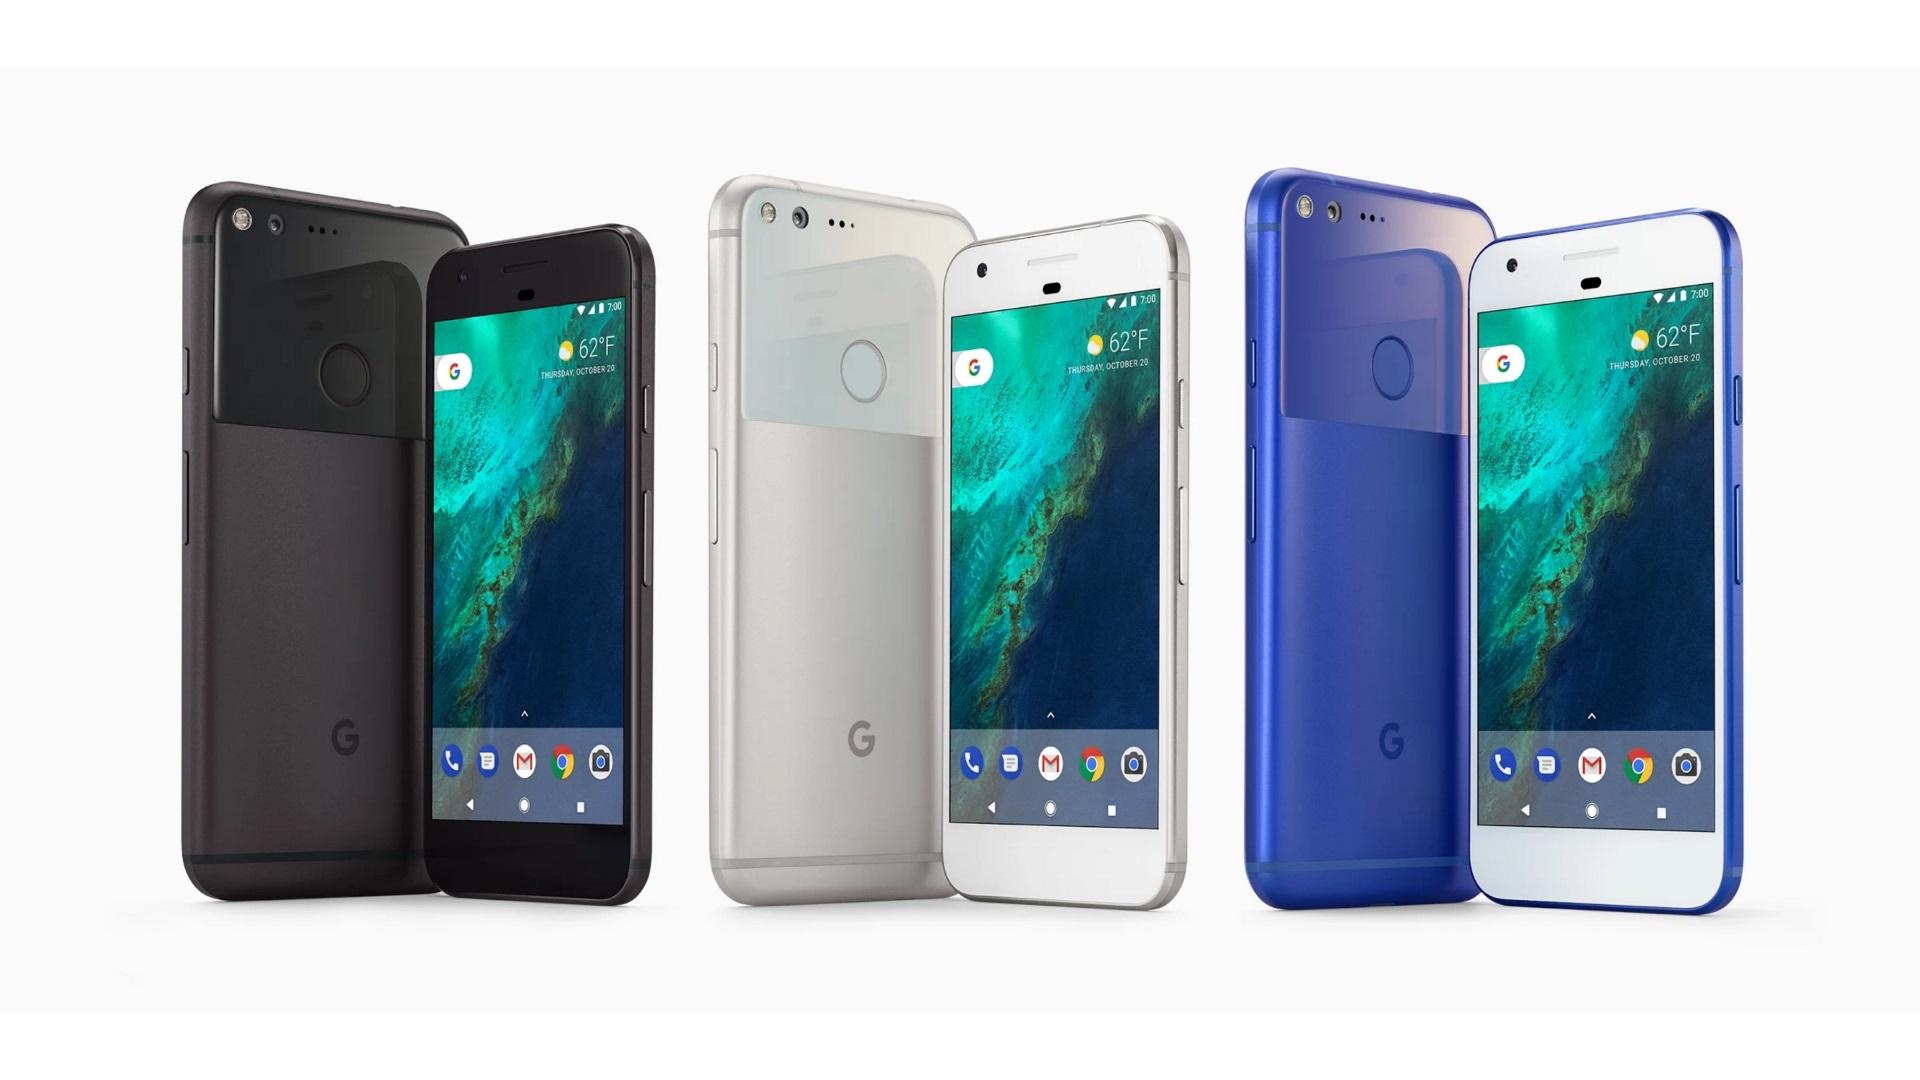 Google、Pixel と Nexus のソフトウェアアップデートの最低提供期間を公開